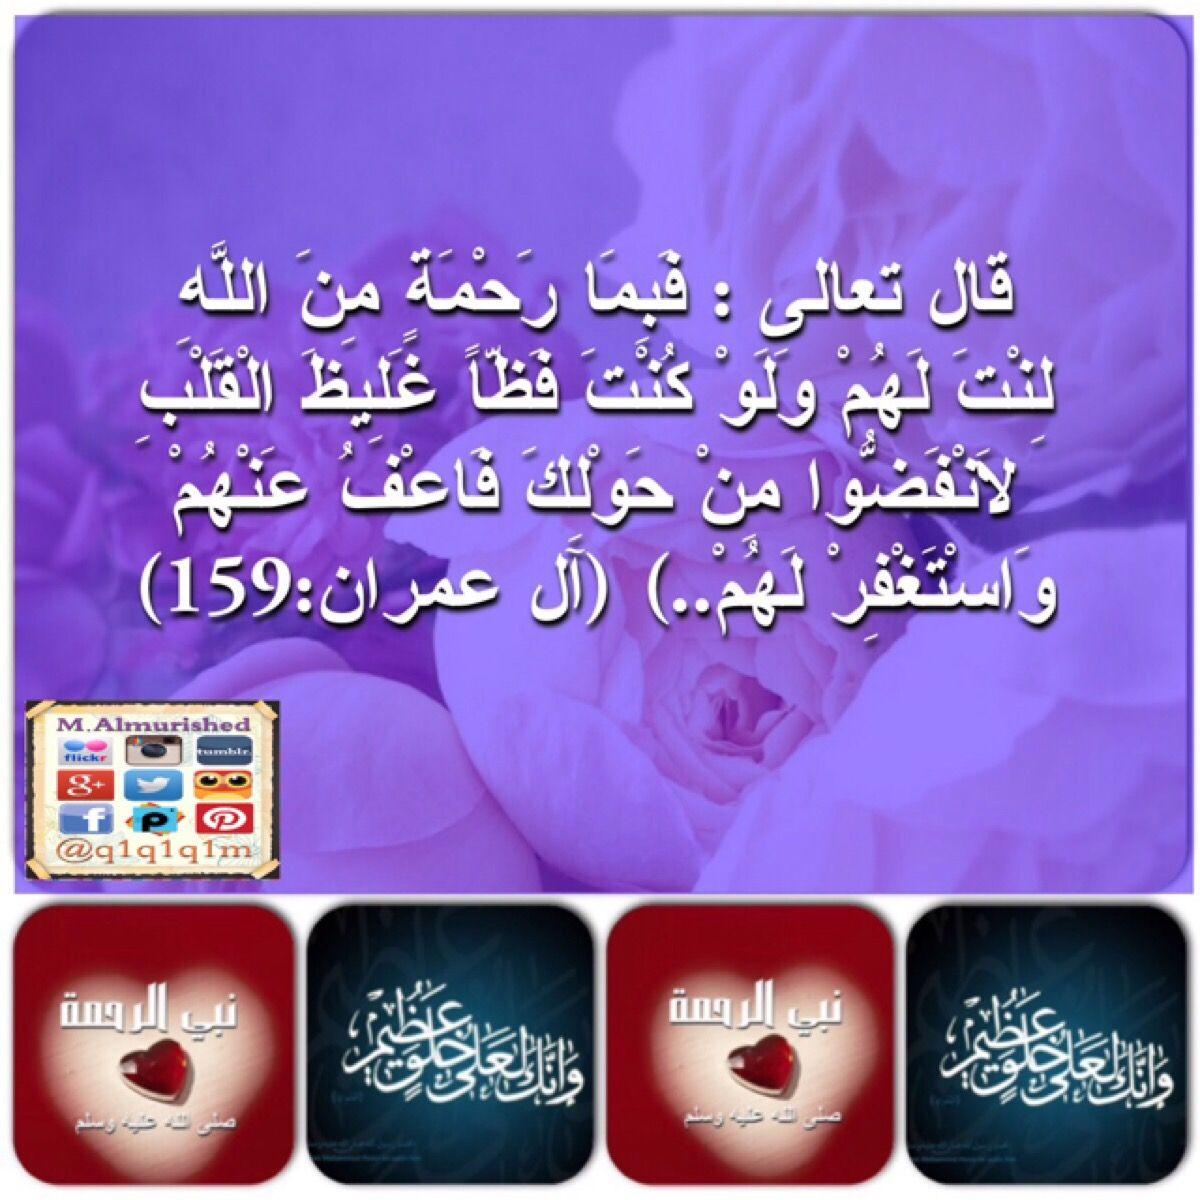 arabicsaudi arabiaarabiaphotographynaturalislam